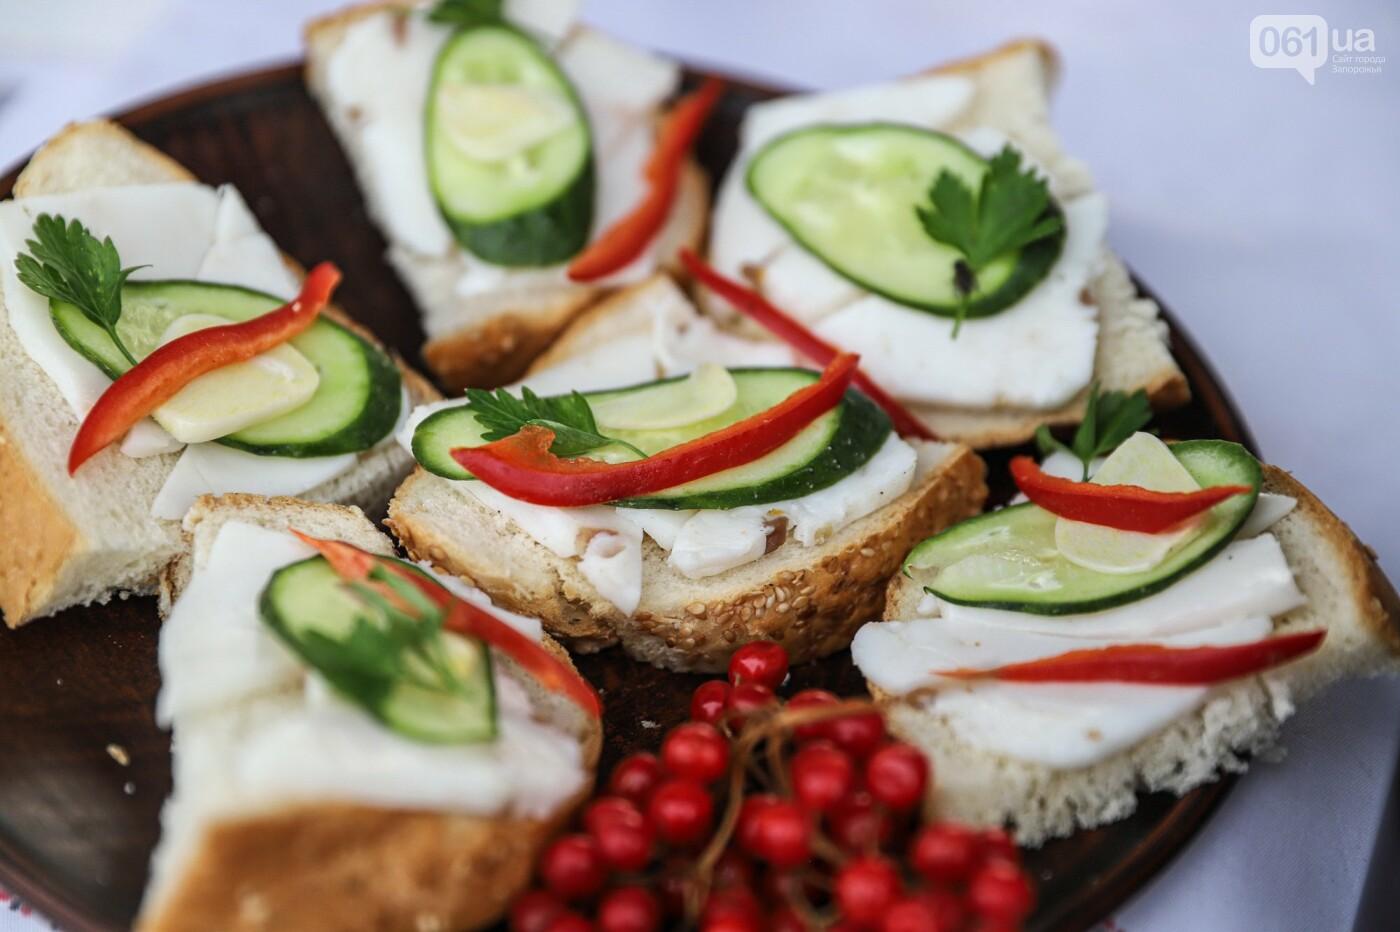 Бограч в хлебных горшочках и мясо из уникальной печи: что нового на фестивале уличной еды в Запорожье, - ФОТОРЕПОРТАЖ, фото-51